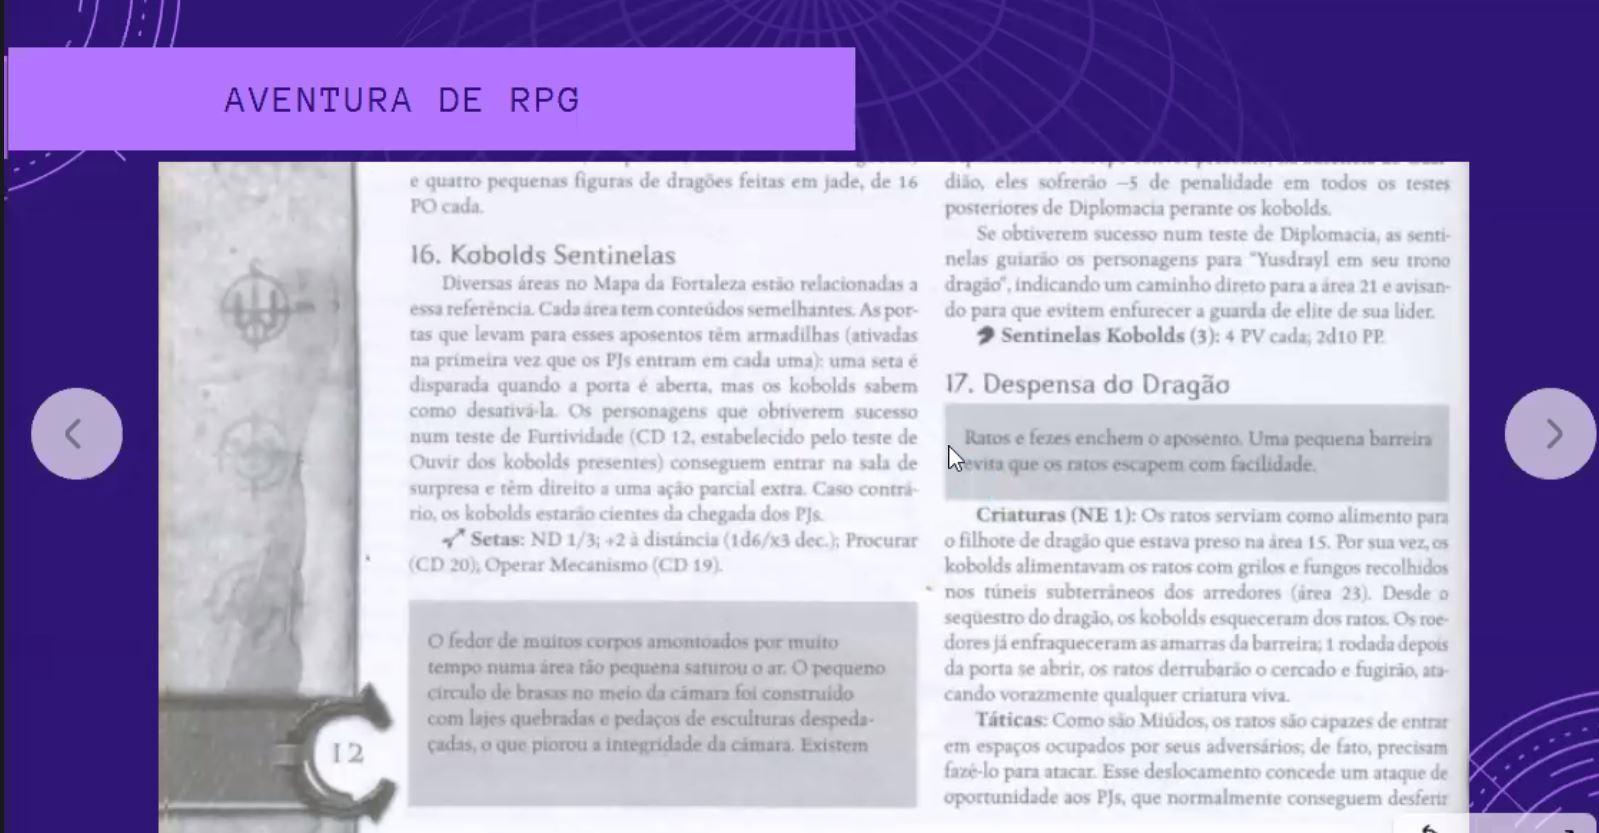 Thiago5